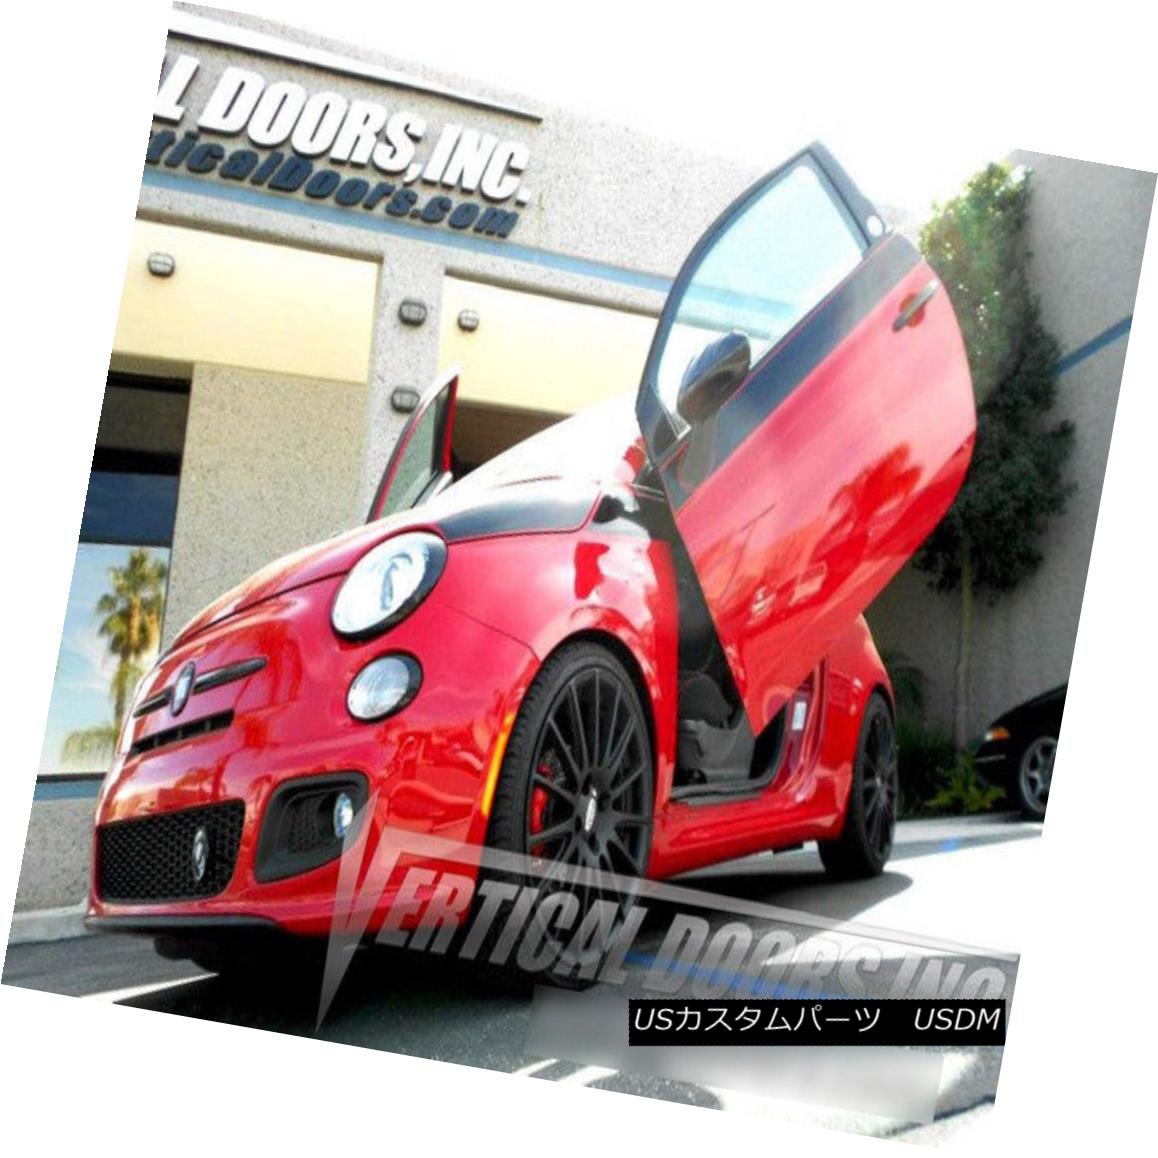 ガルウィングキット Vertical Doors Inc. Bolt-On Lambo Kit for Fiat 500 11-12 Vertical Doors Inc.フィアット500用ボルトオンランボキット11-12